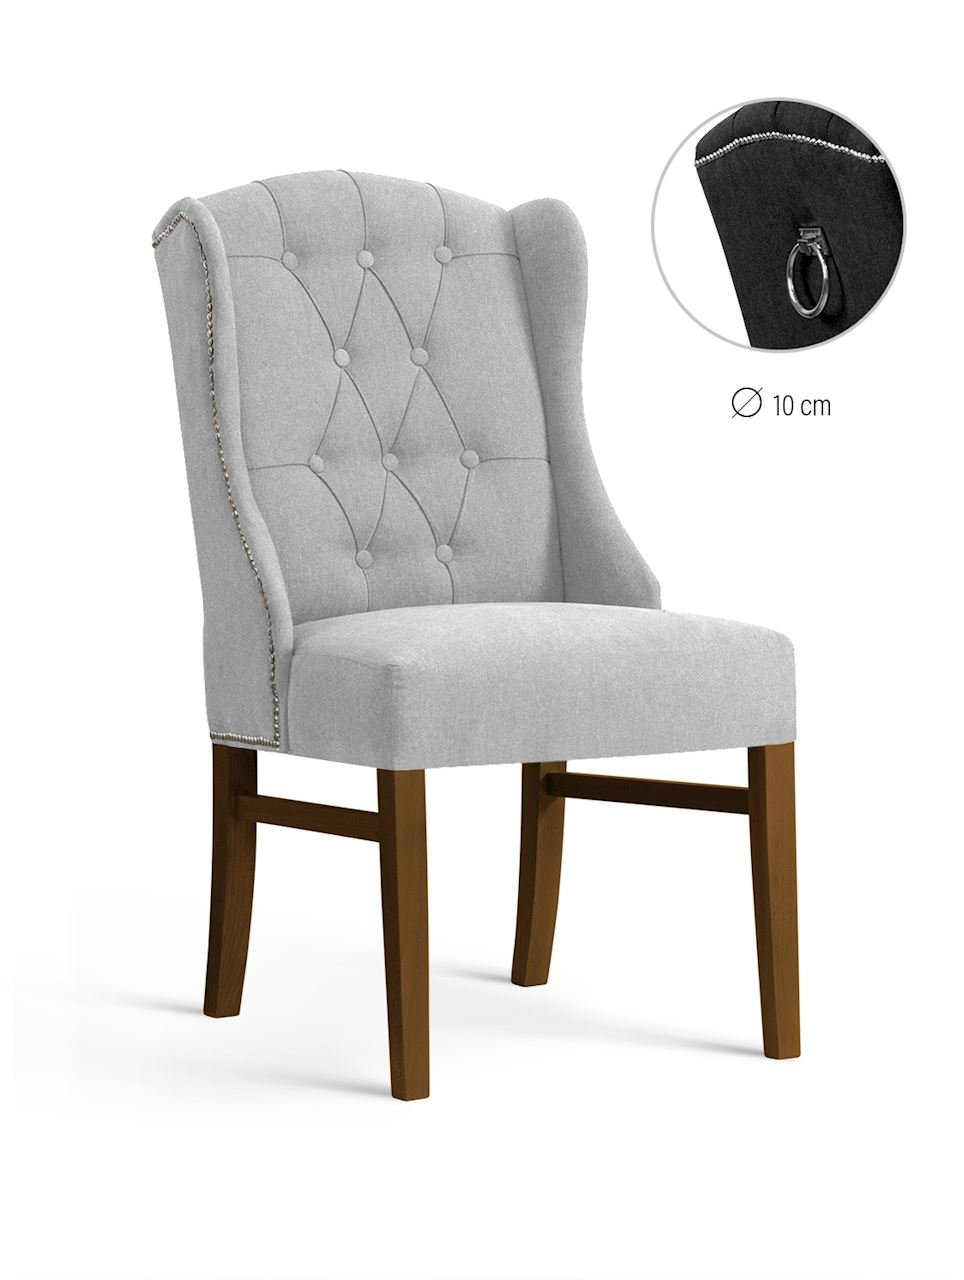 Scaun tapitat cu stofa, cu picioare din lemn Royal Light Grey / Walnut, l55xA74xH105 cm imagine